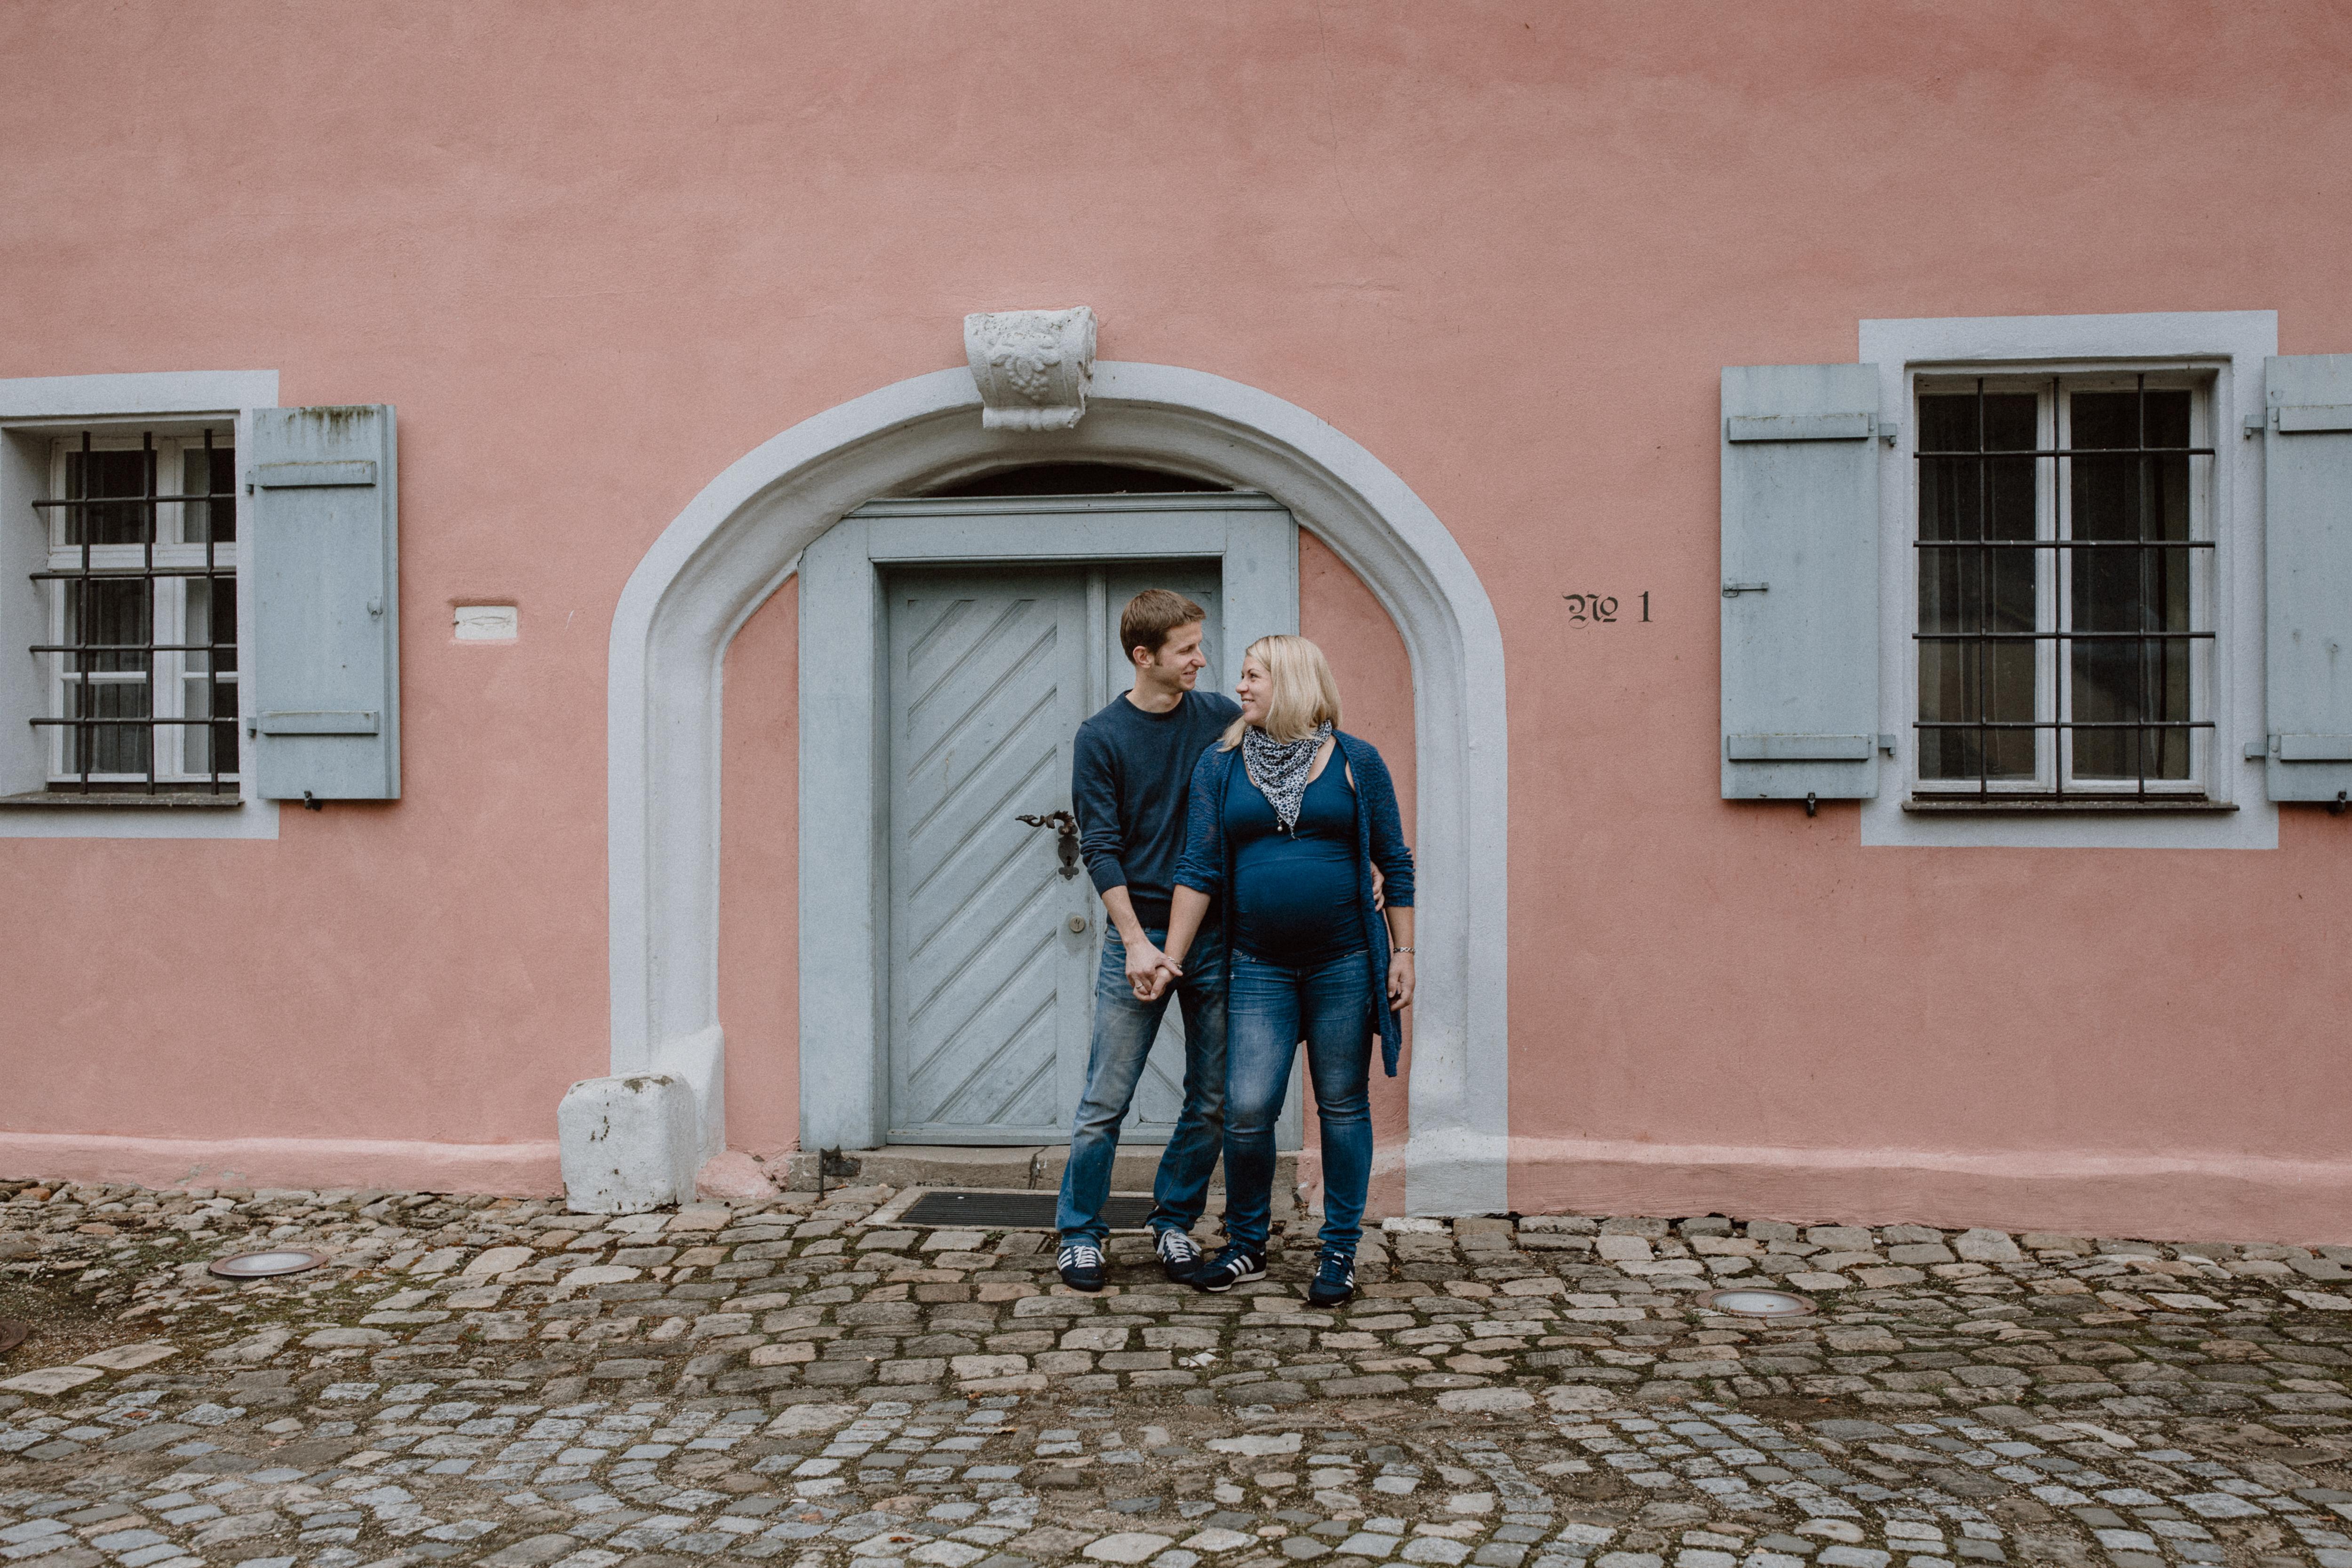 URBANERIE_Daniela_Goth_Fotografin_Nürnberg_Fürth_Erlangen_Schwabach_17902_001_0158